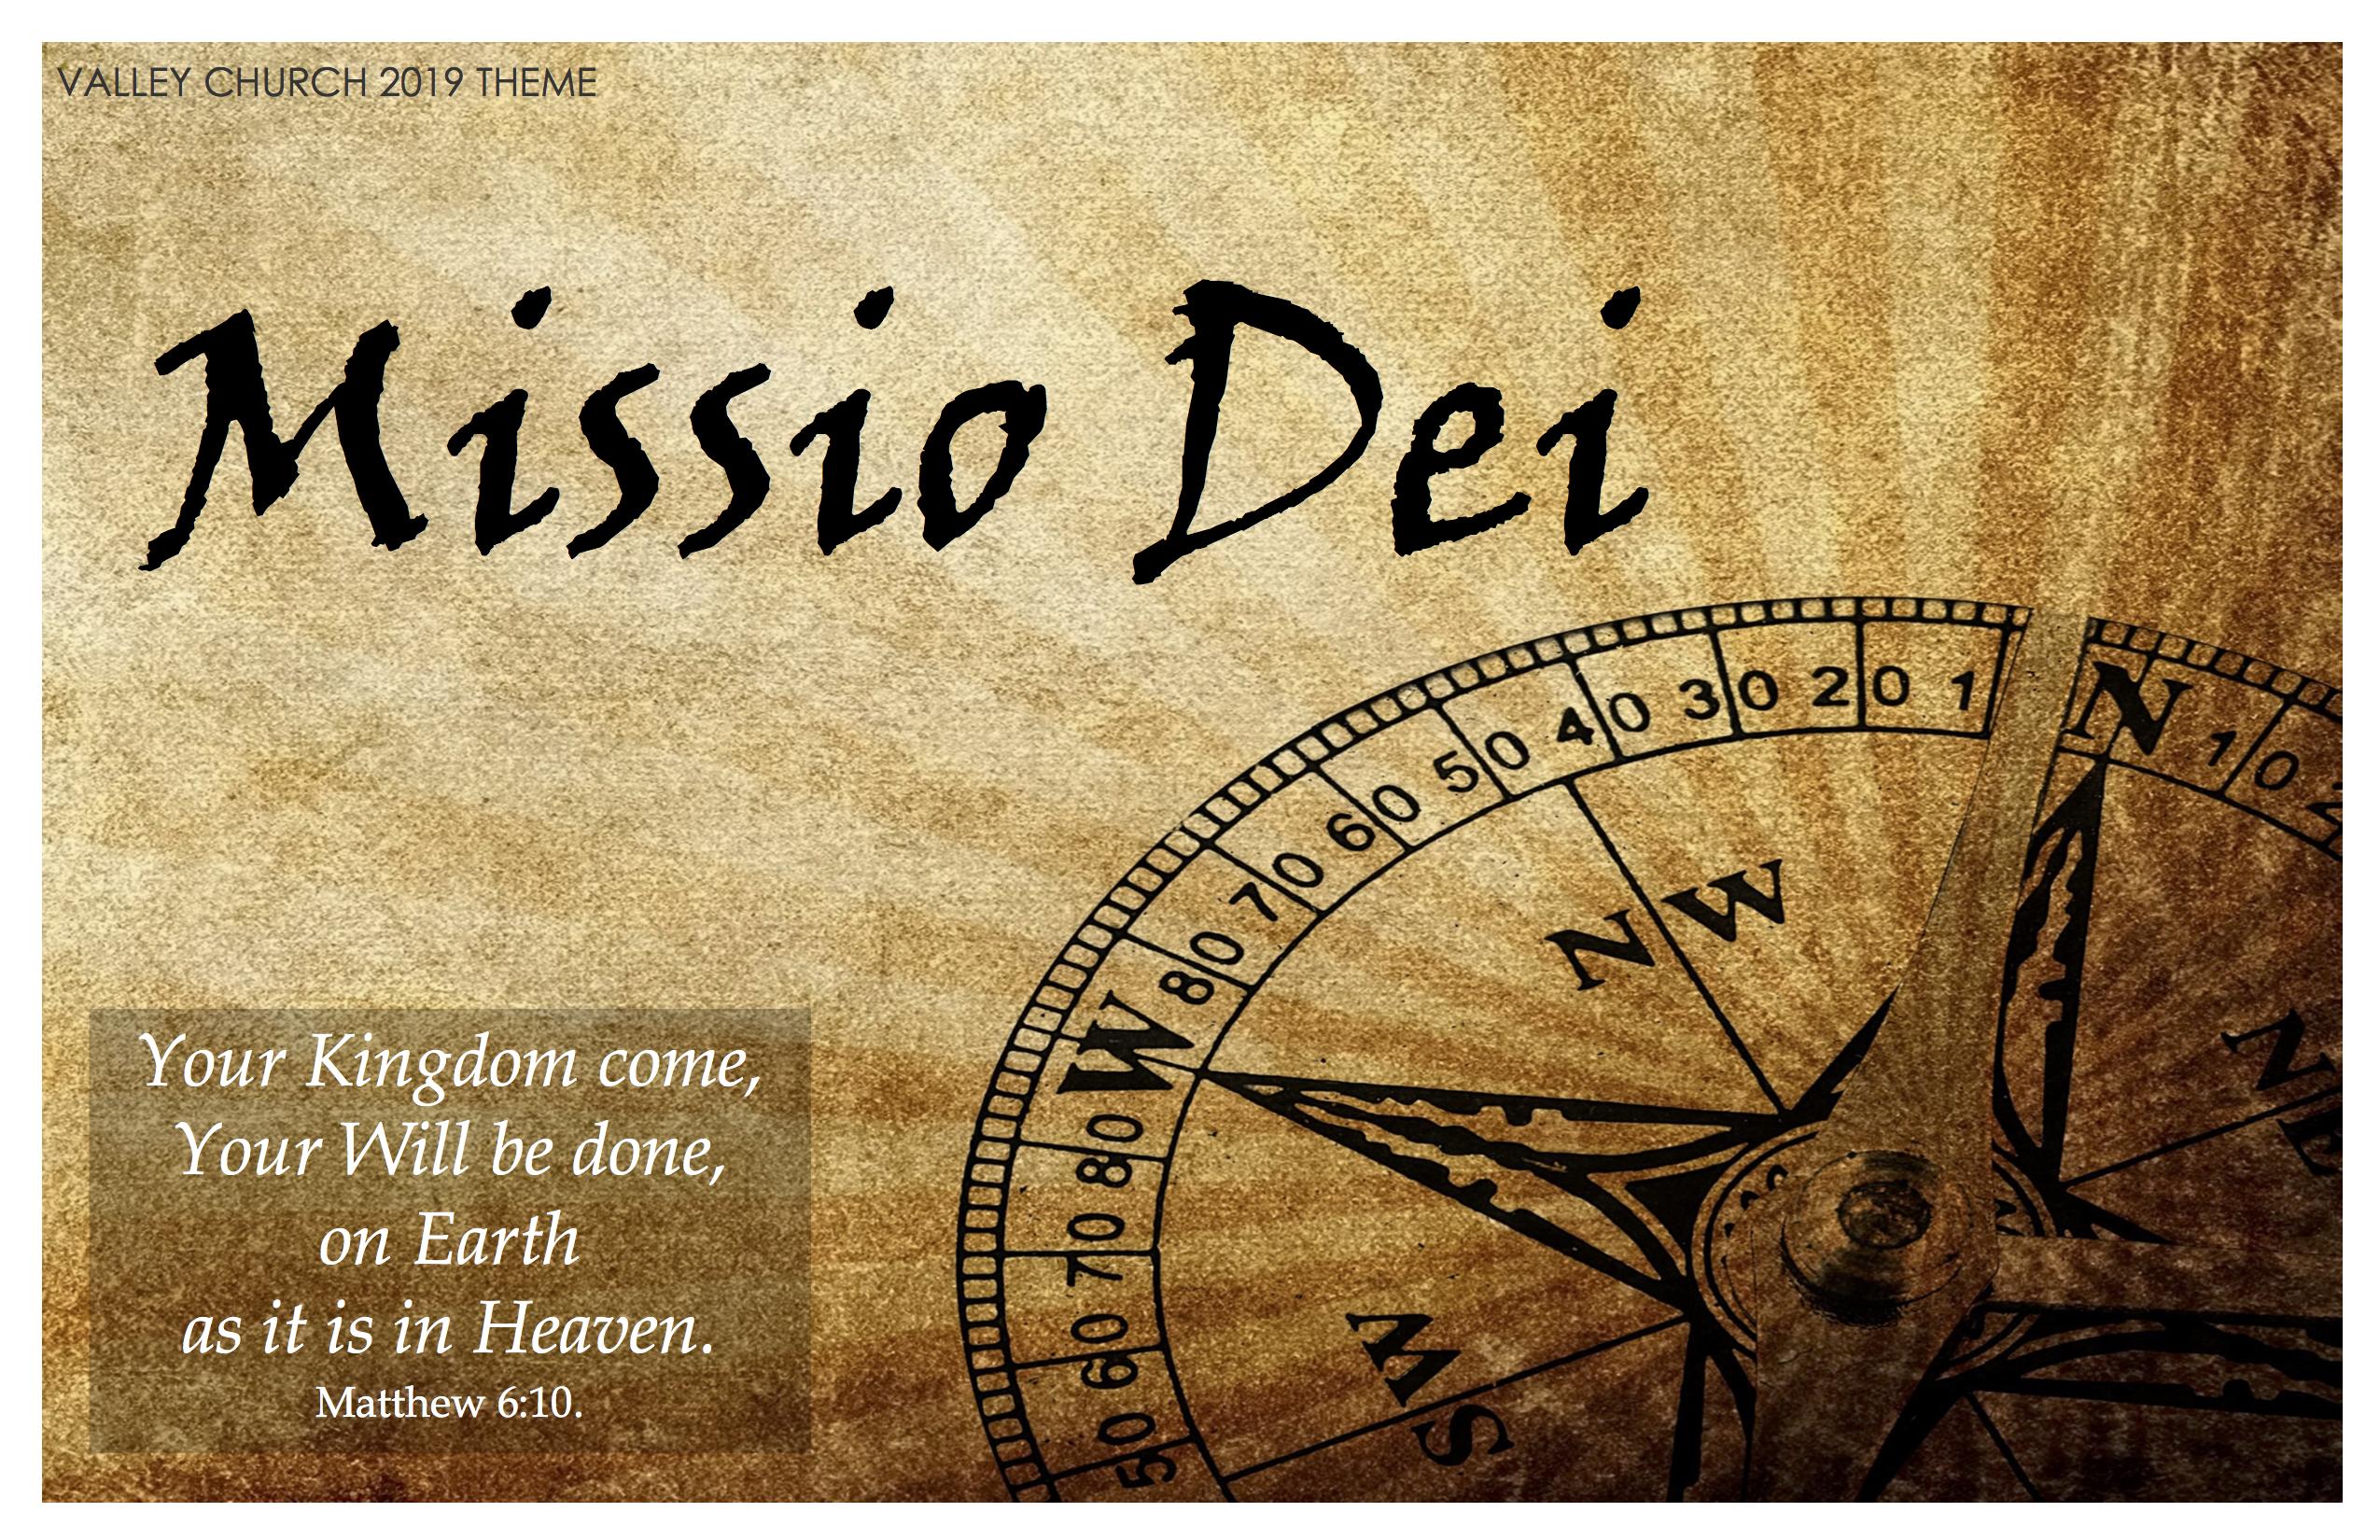 Missio Dei 19 Theme Poster